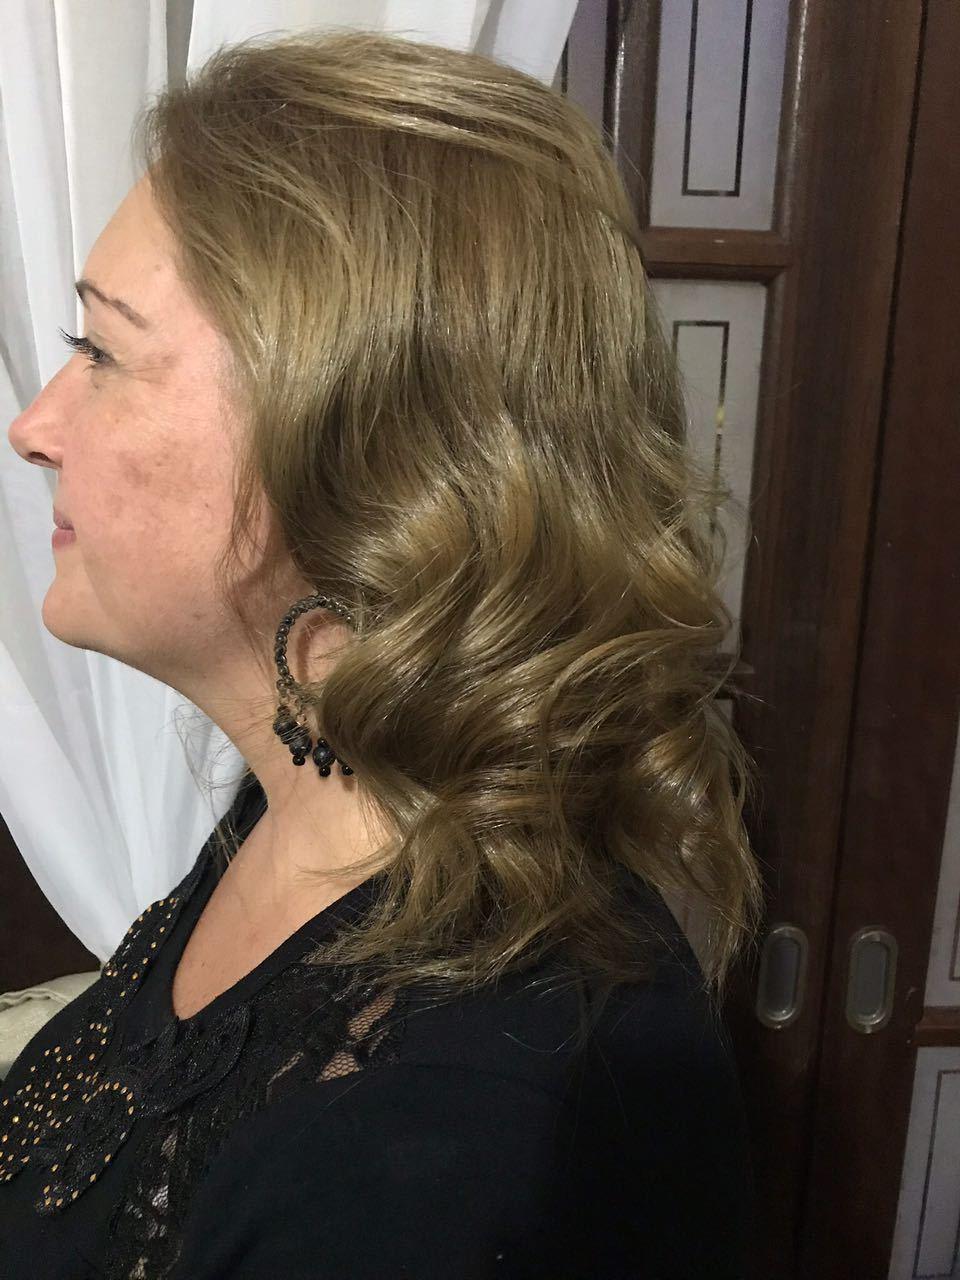 Escova modelada. #escova #porquevocevalemuito cabelo estudante (cabeleireiro) auxiliar cabeleireiro(a) cabeleireiro(a)